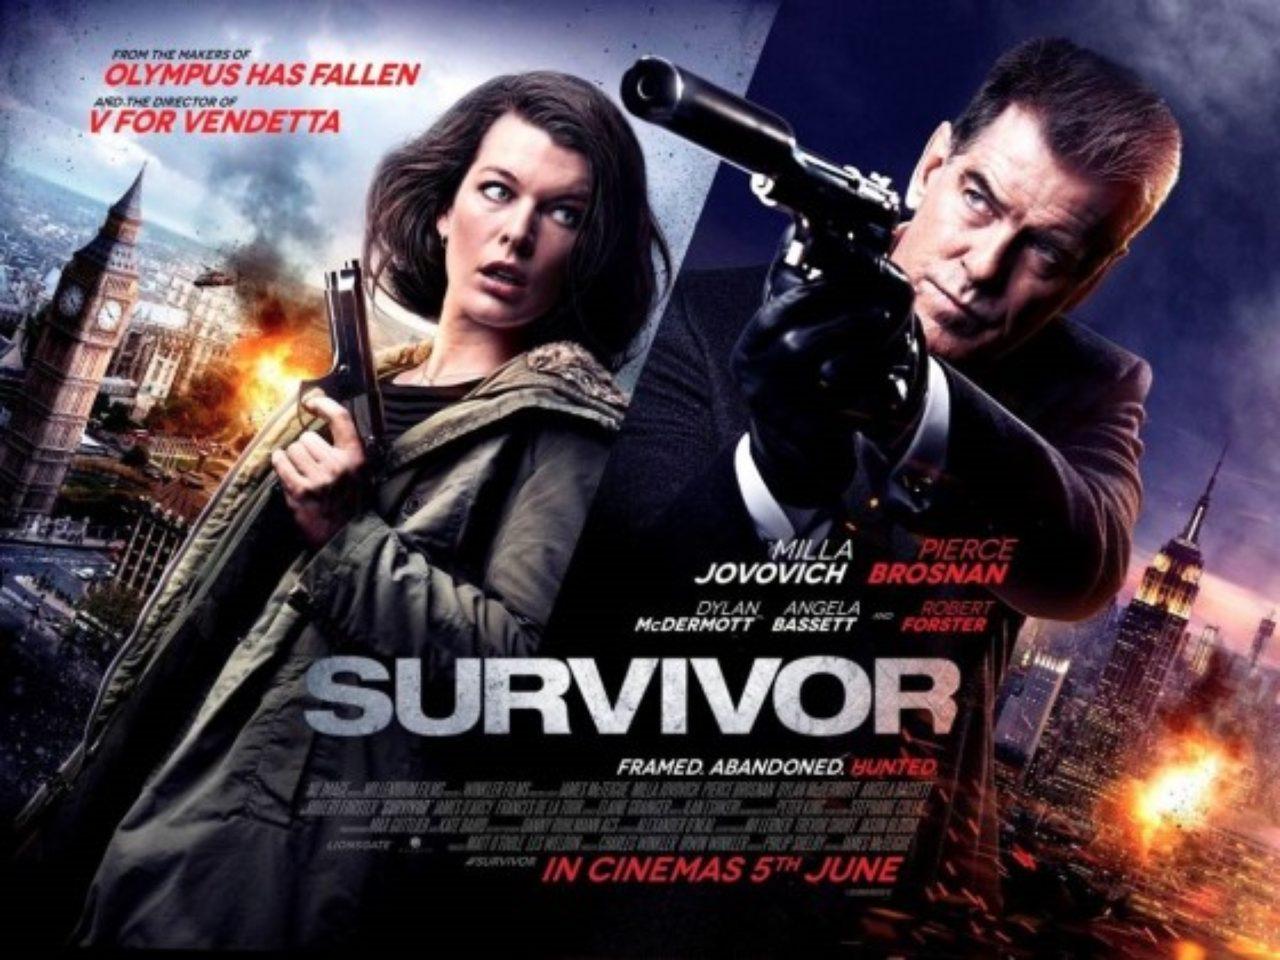 画像: 『バイオハザード』アリスVS『007』ボンド! - 映画『サバイバー』海外ポスタービジュアル - (c) 2015 SURVIVOR PRODUCTIONS, INC. ALL RIGHTS RESERVED.